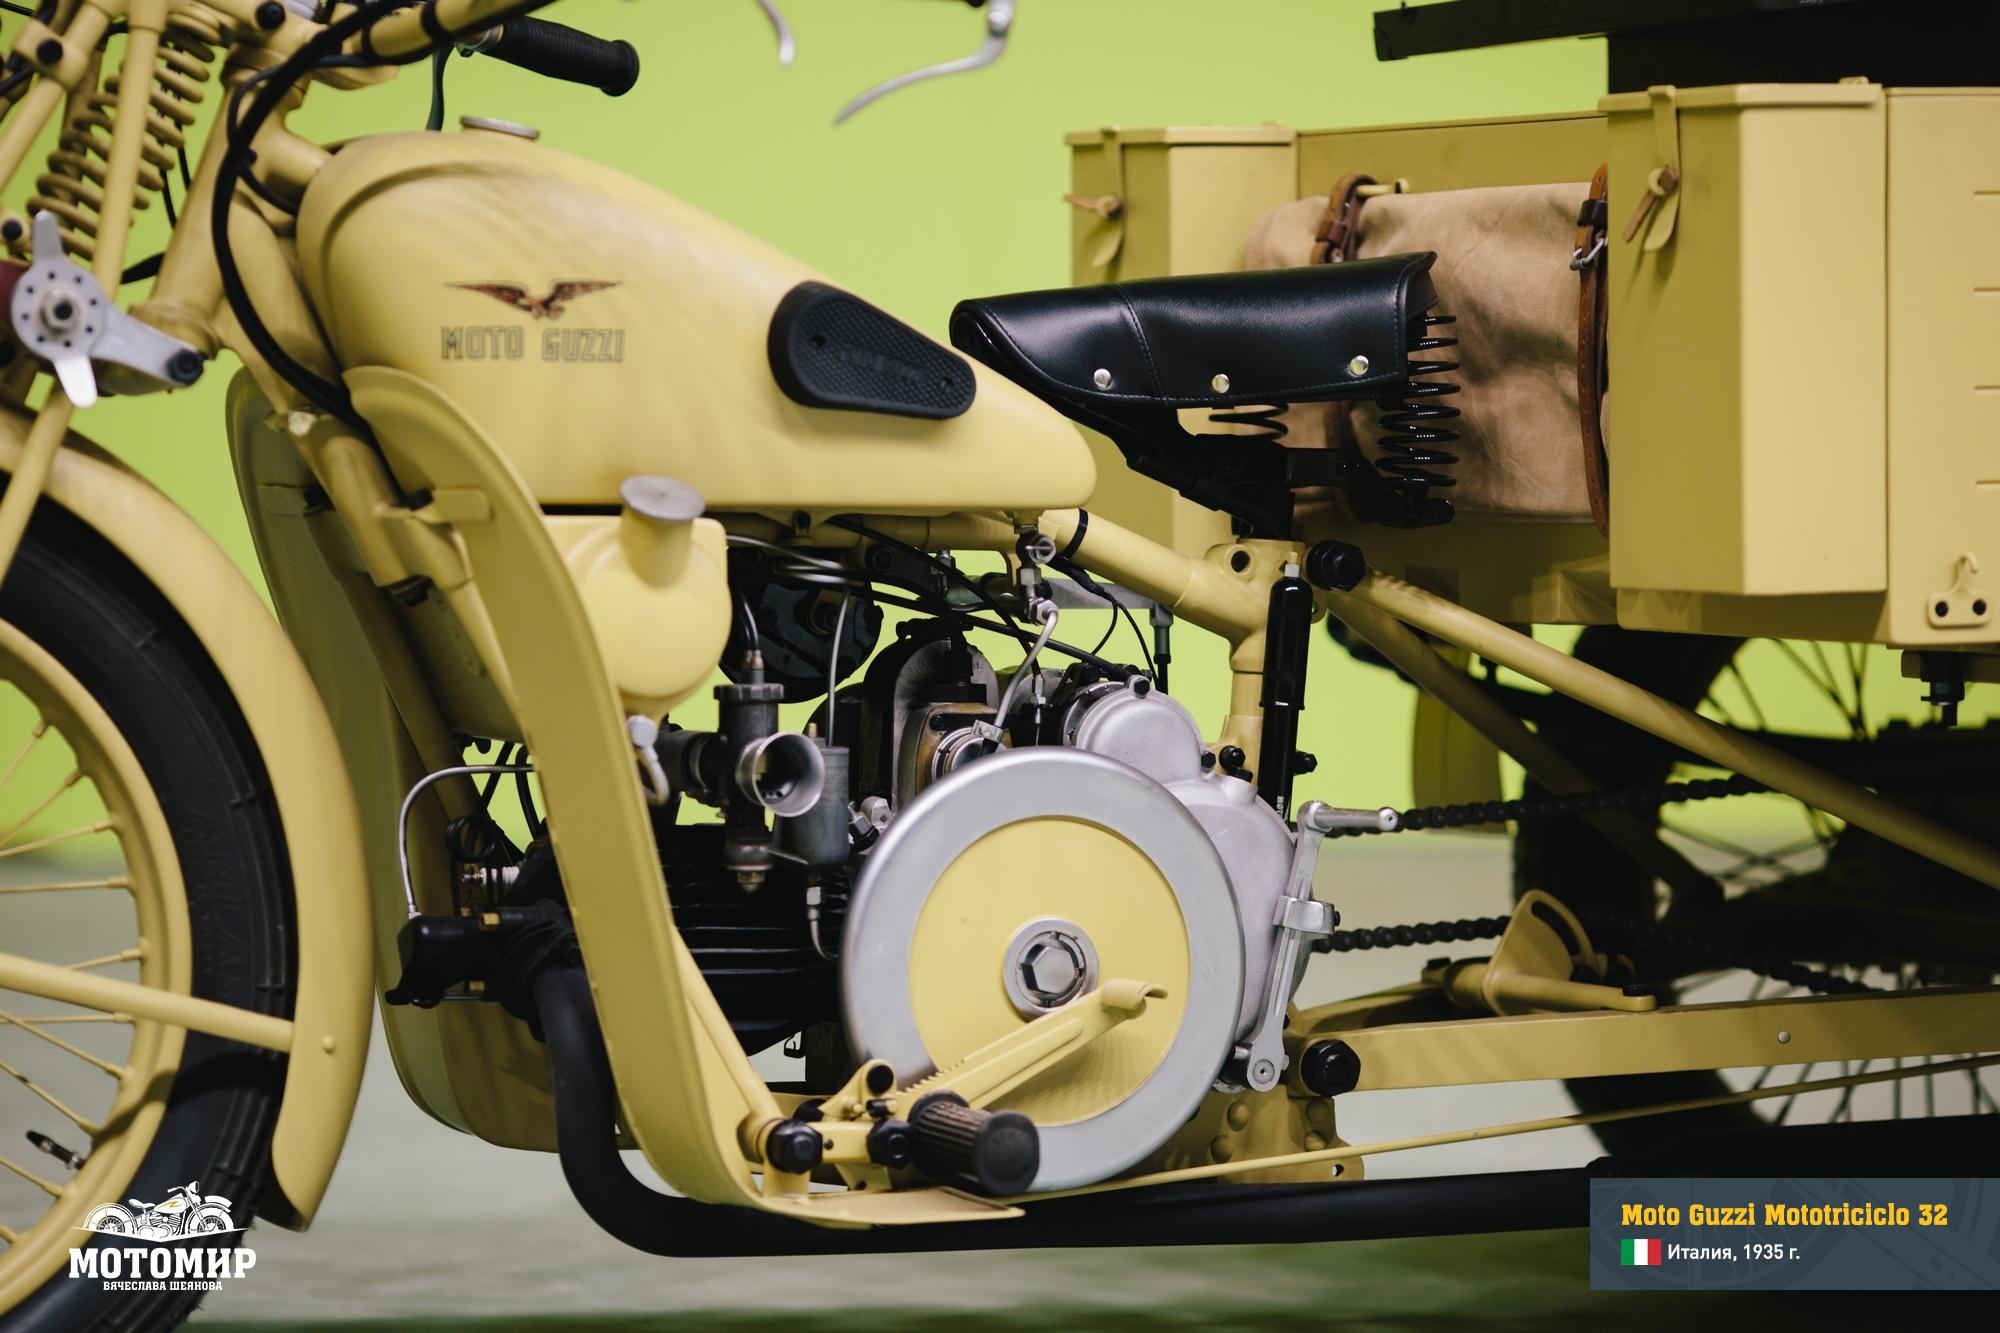 moto-guzzi-mototriciclo-32-web-23